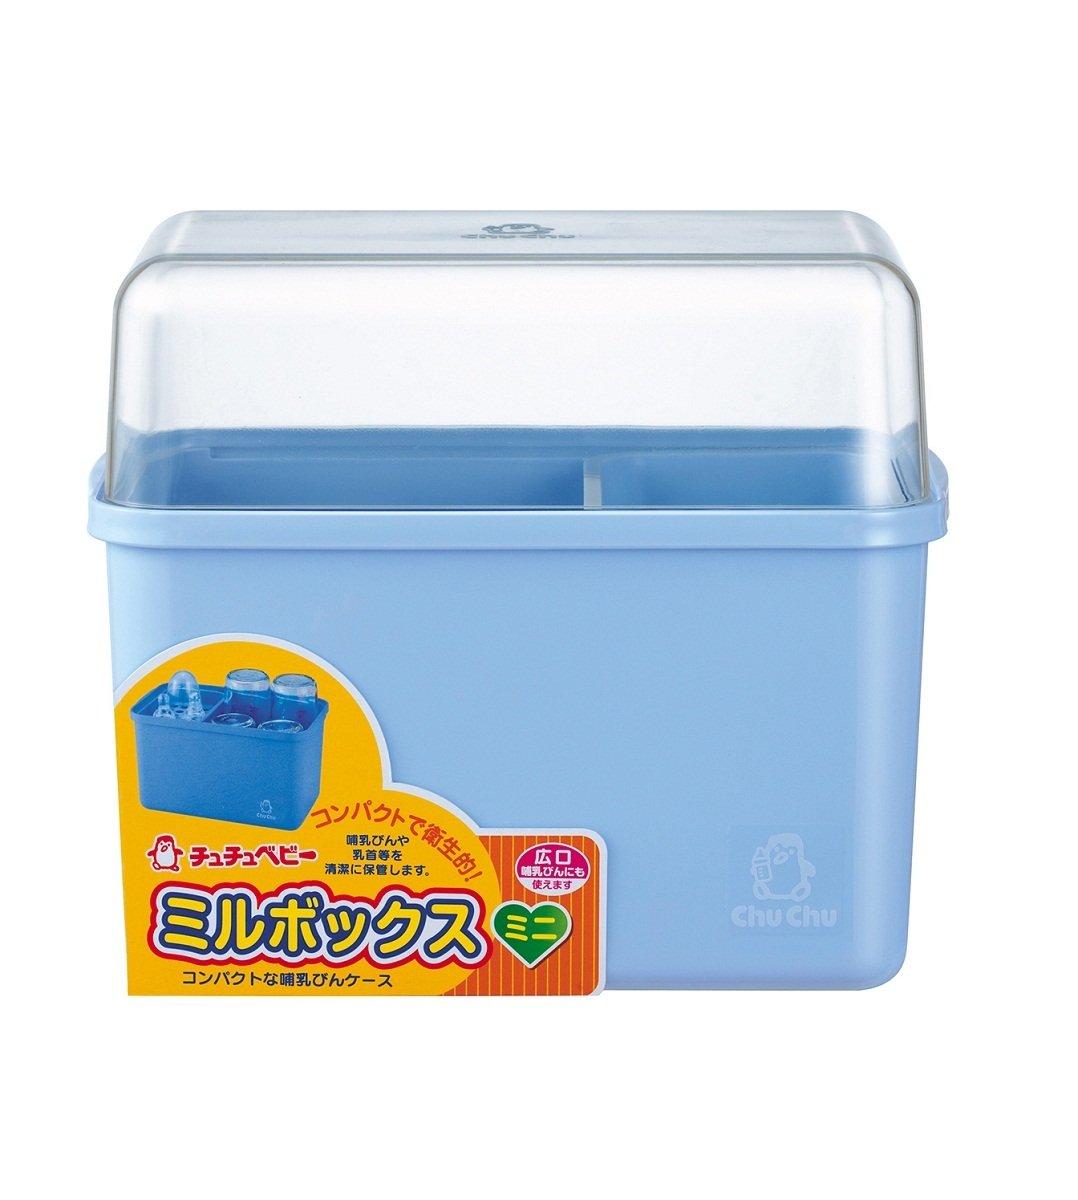 迷你奶瓶收納箱 (藍色)